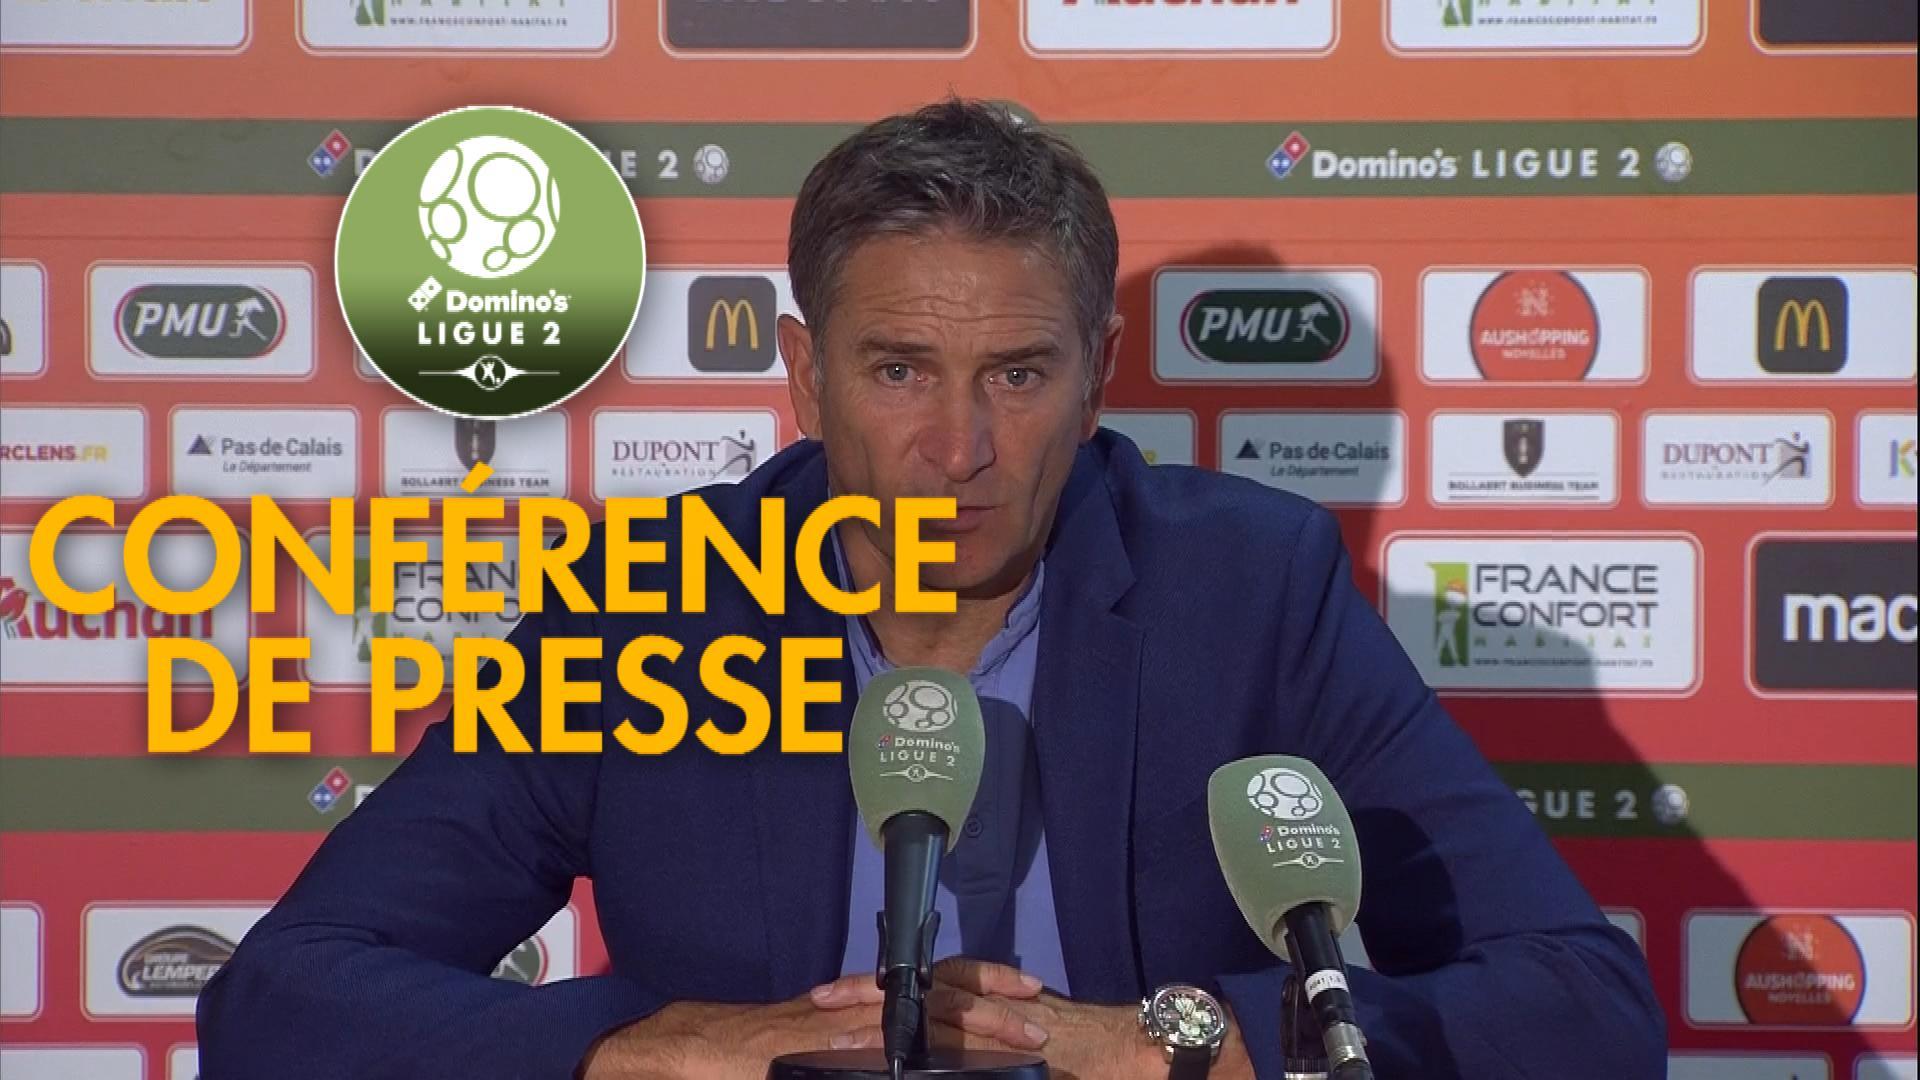 Conférence de presse RC Lens - EA Guingamp (2-0) : Philippe  MONTANIER (RCL) - Patrice LAIR (EAG) - 2019/2020